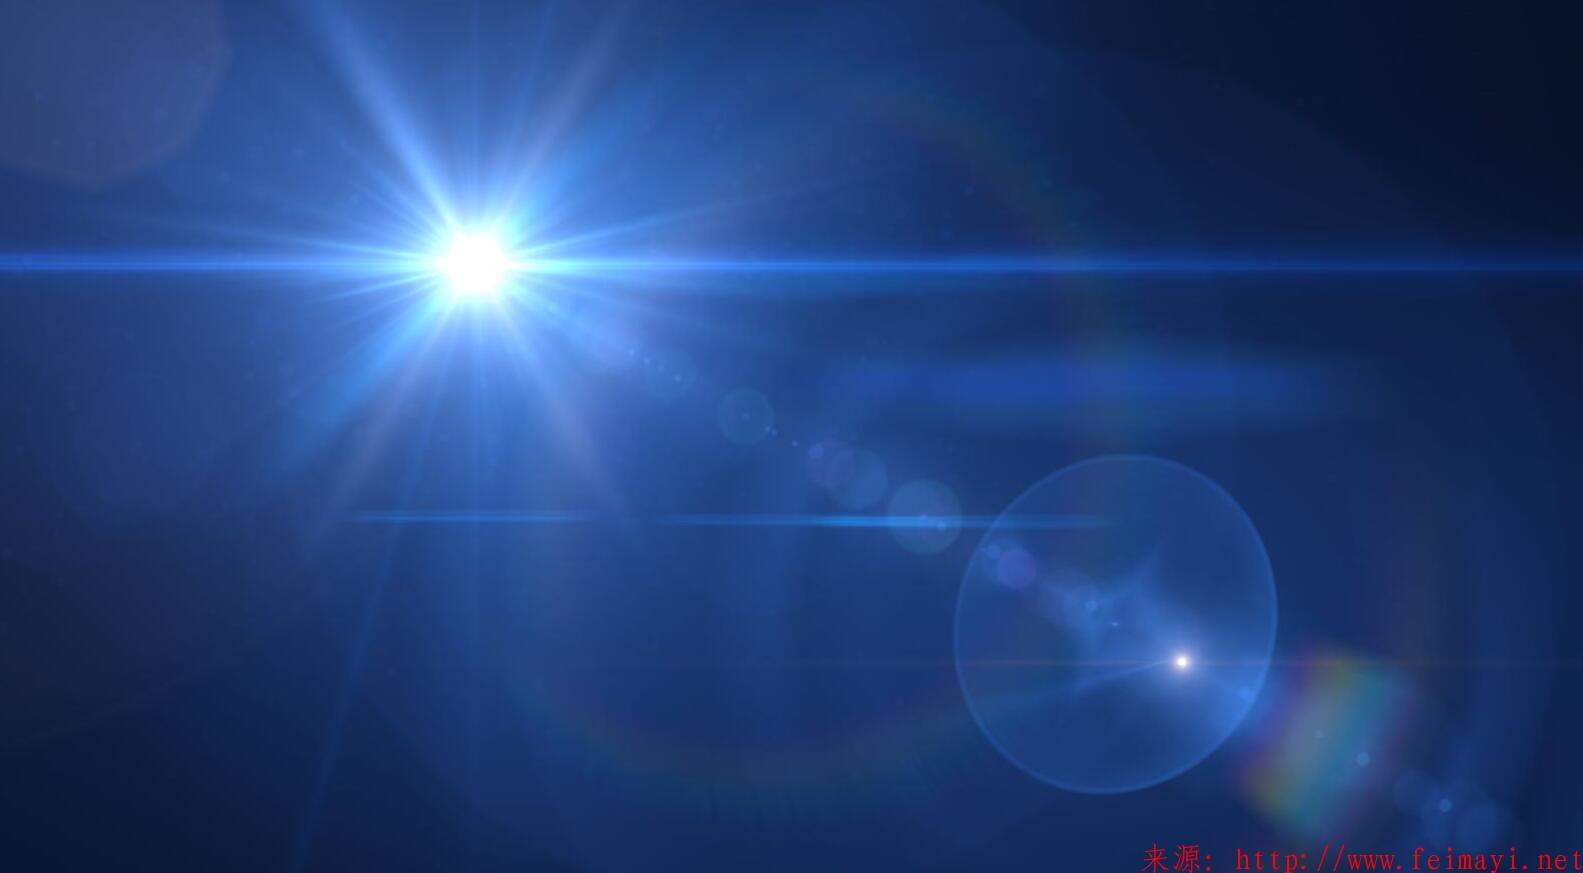 淘宝美工云尚电商PS设计培训vip视频教程,光效唯美风背景第7节